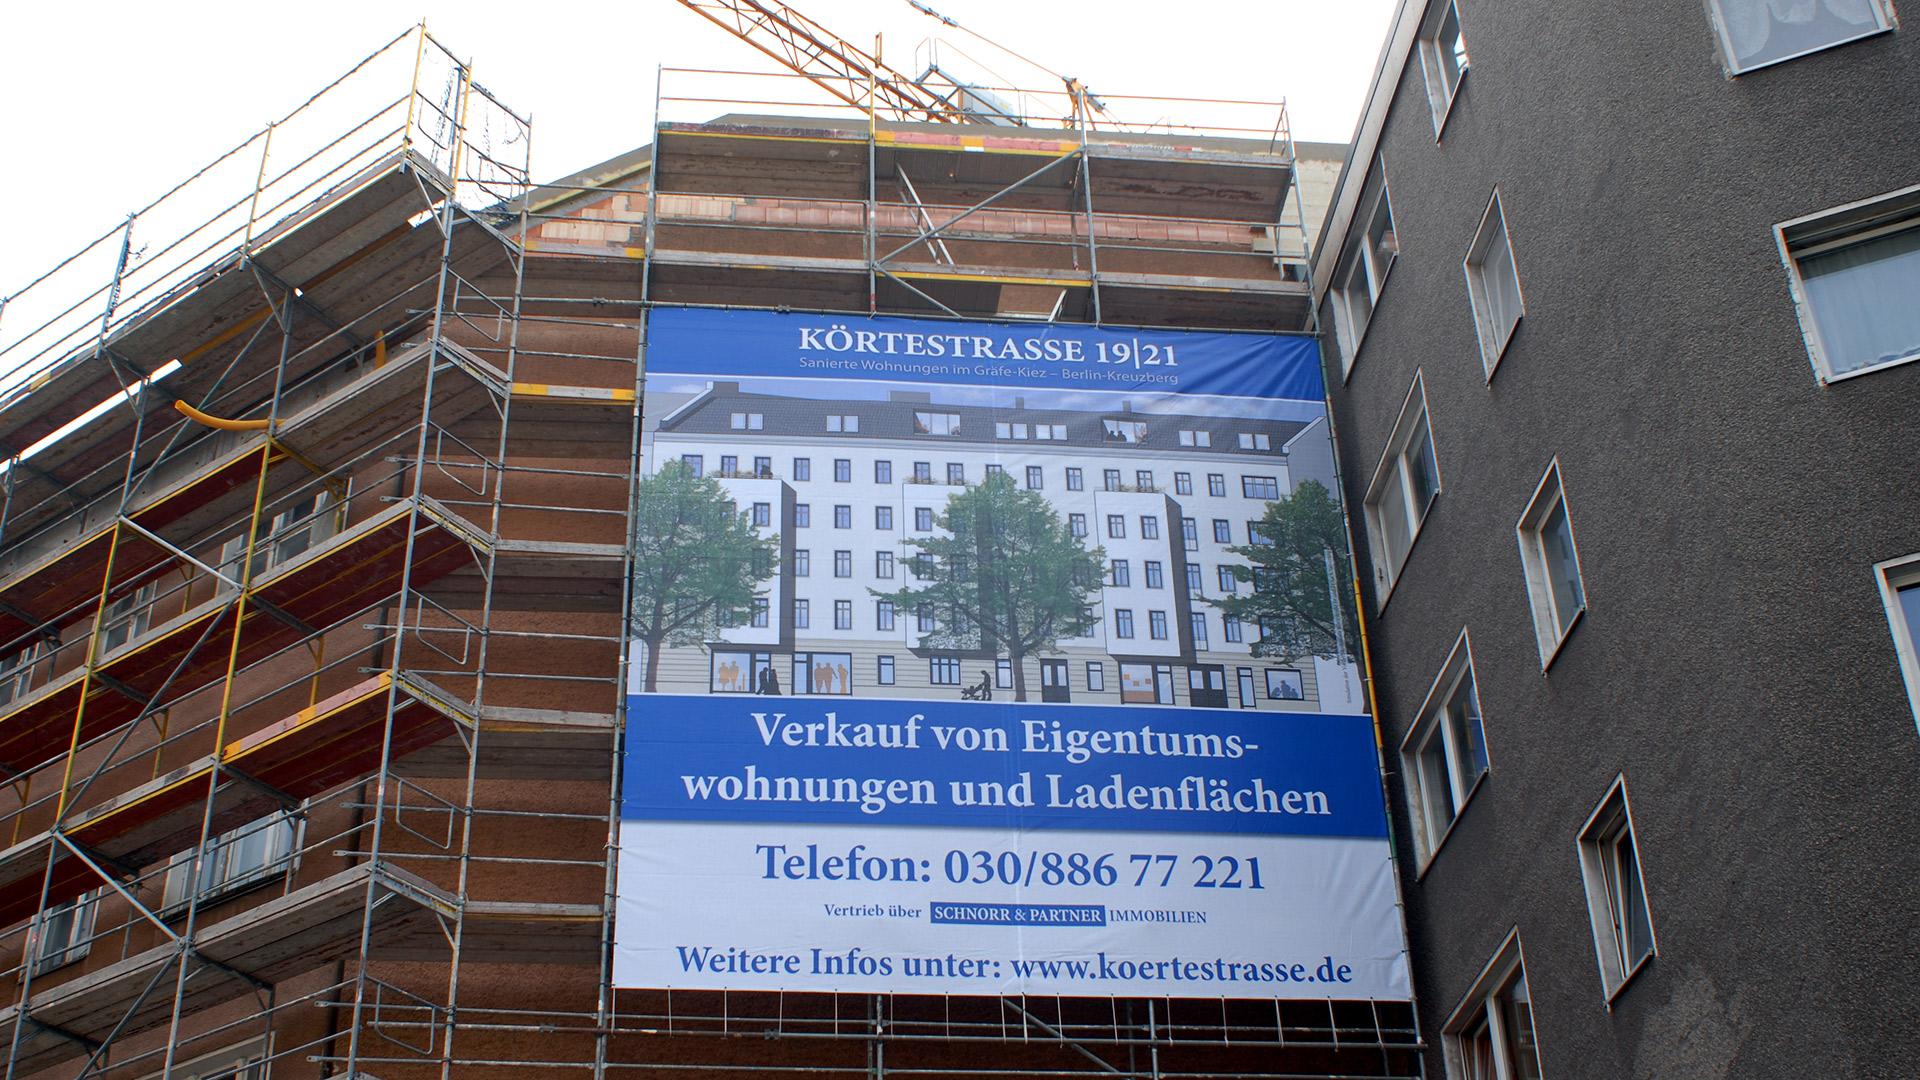 Wohnen-Berlin-Geruuestbanner-Matti-Michalke-Berlin-Brandenburg-Aussenwerbung-Innenwerbung-Banner-Planen-Folien-Werbemittel-Druck-Print